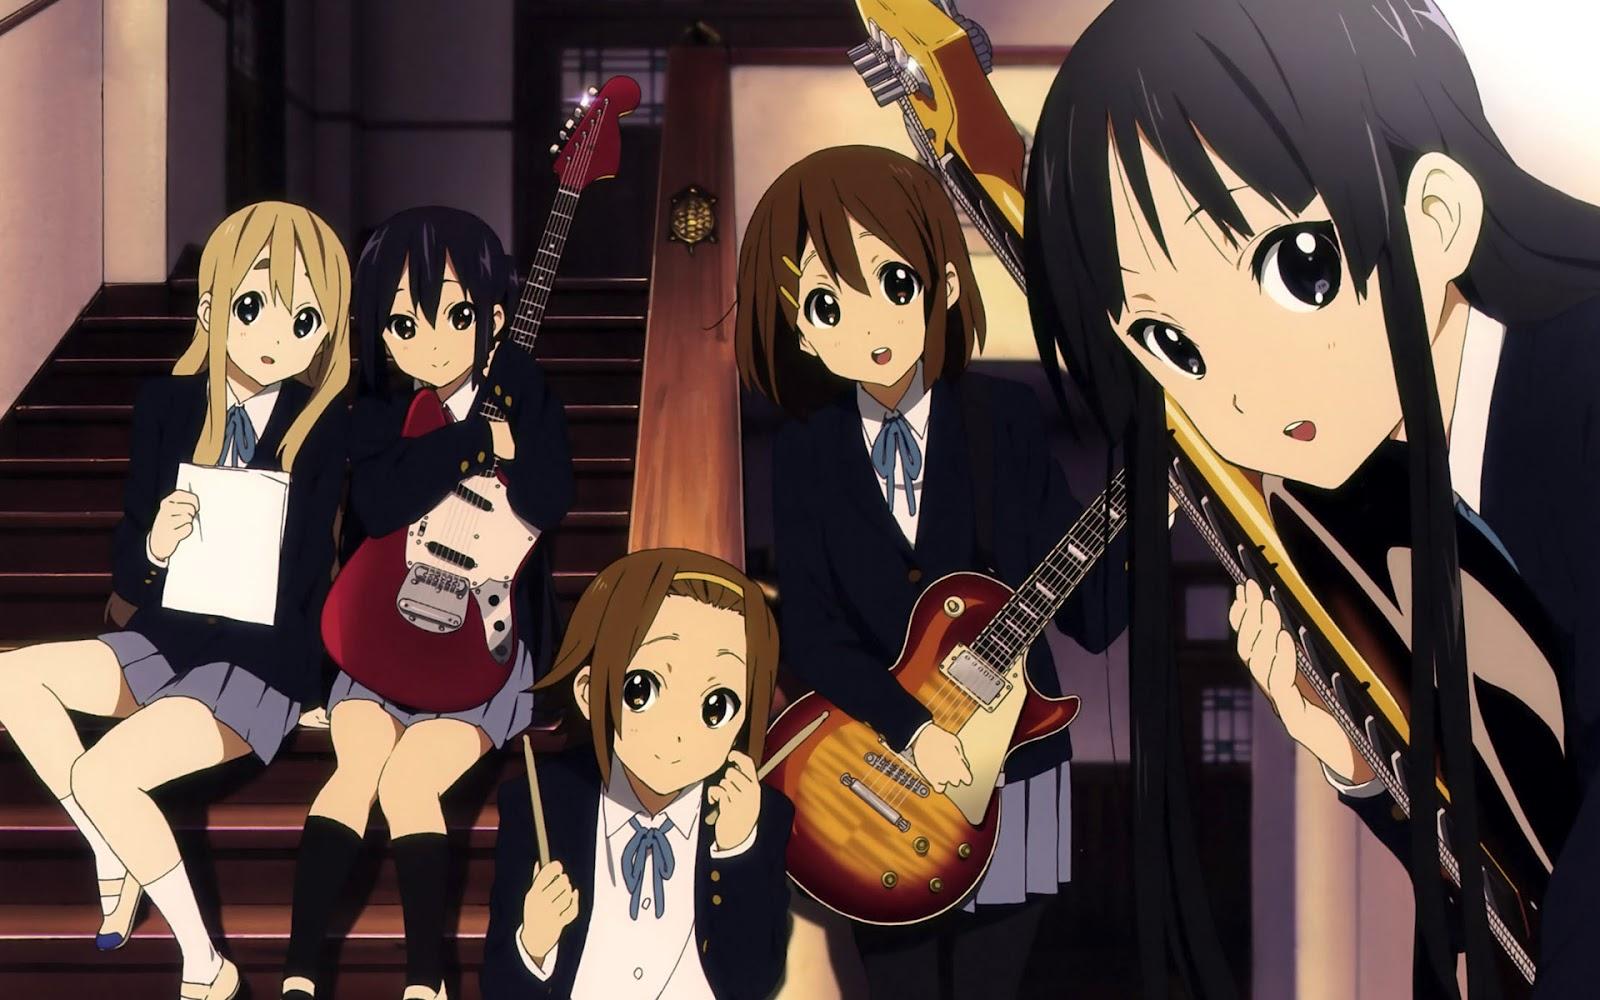 http://1.bp.blogspot.com/-0KZx01qlxDA/UGqLncuvhNI/AAAAAAAAJ-4/COqUFSnTcks/s1600/K-ON!!+Kotobuki+Tsumugi,+Nakano+Azusa,+Tainaka+Ritsu,+Hirasawa+Yui,+Akiyama+Mio+Wallpaper.jpg